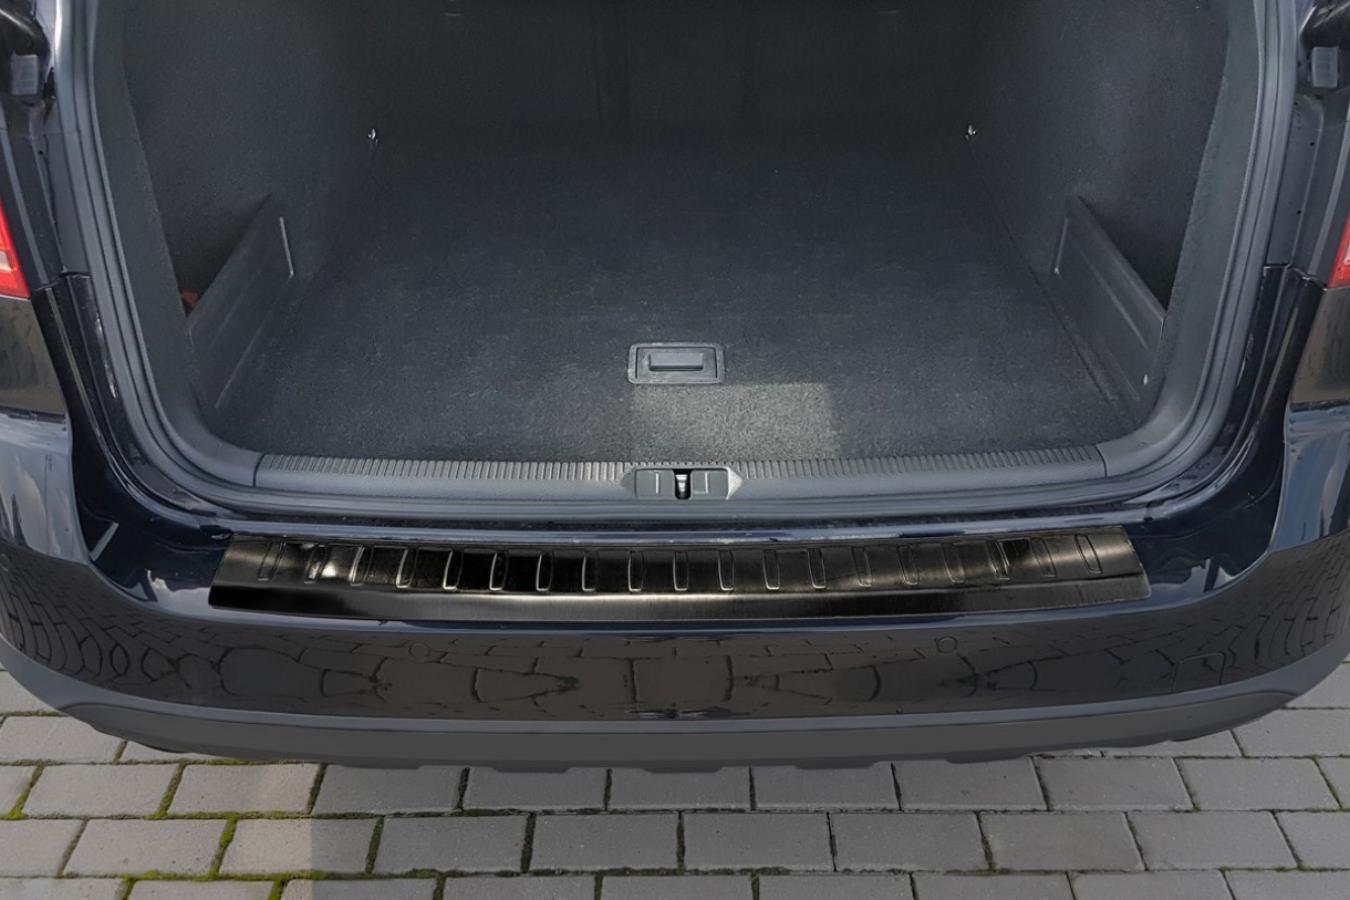 PROTECTION DE SEUIL DE CHARGEMENT pour VW PASSAT B7 Station Wagon 2010-